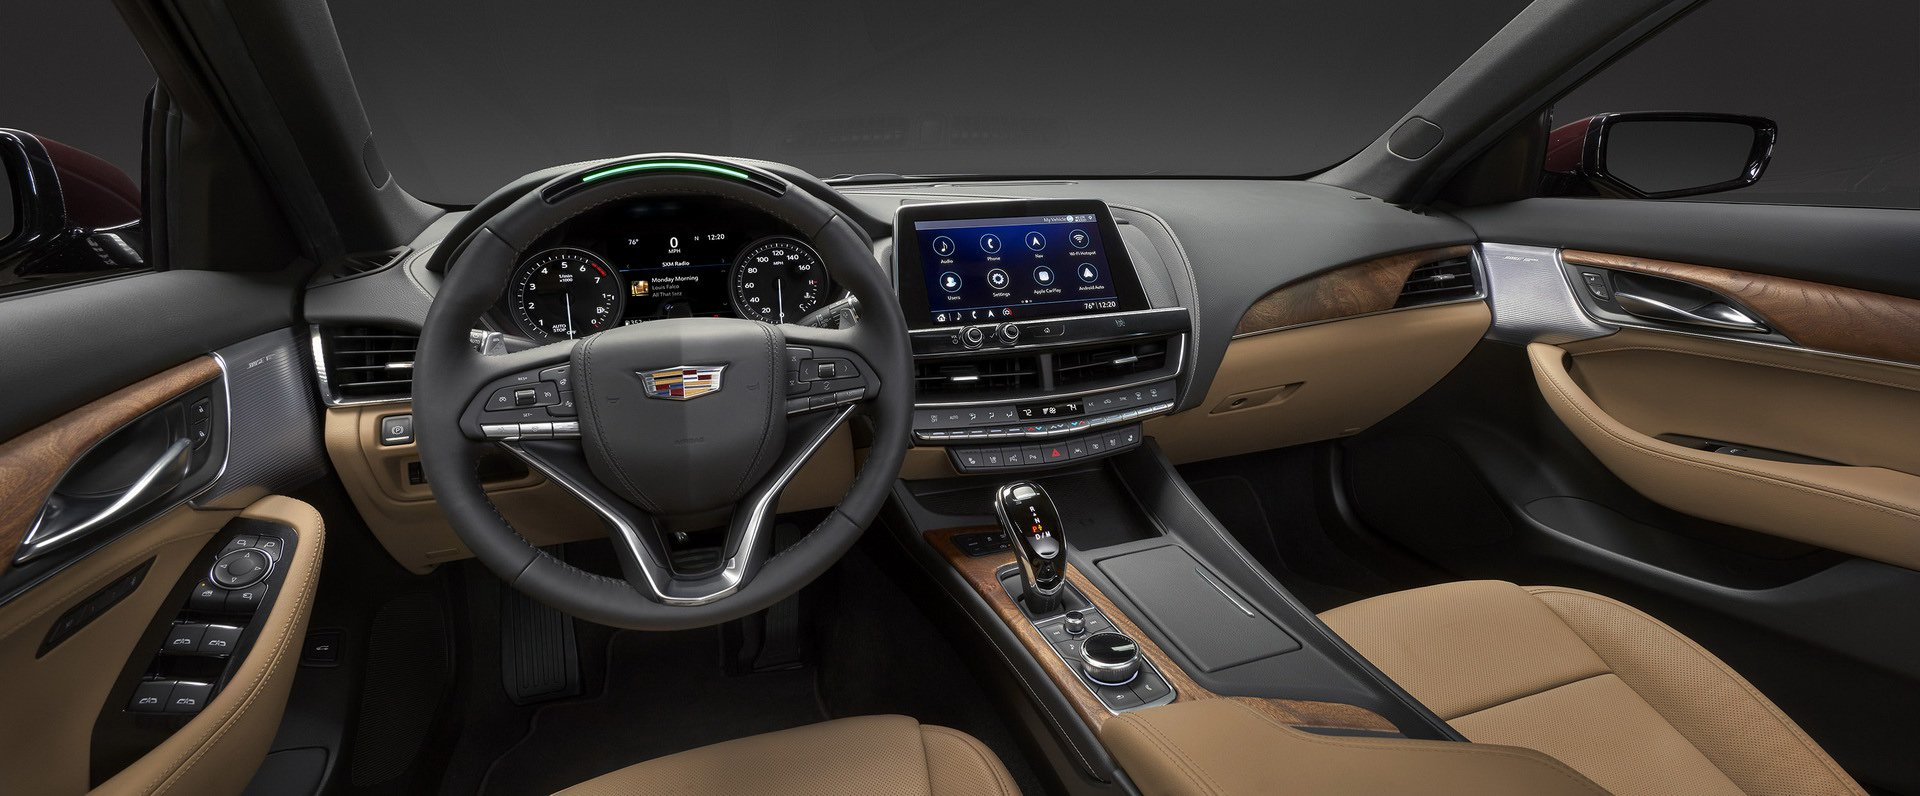 Nội thất xe Cadillac mới